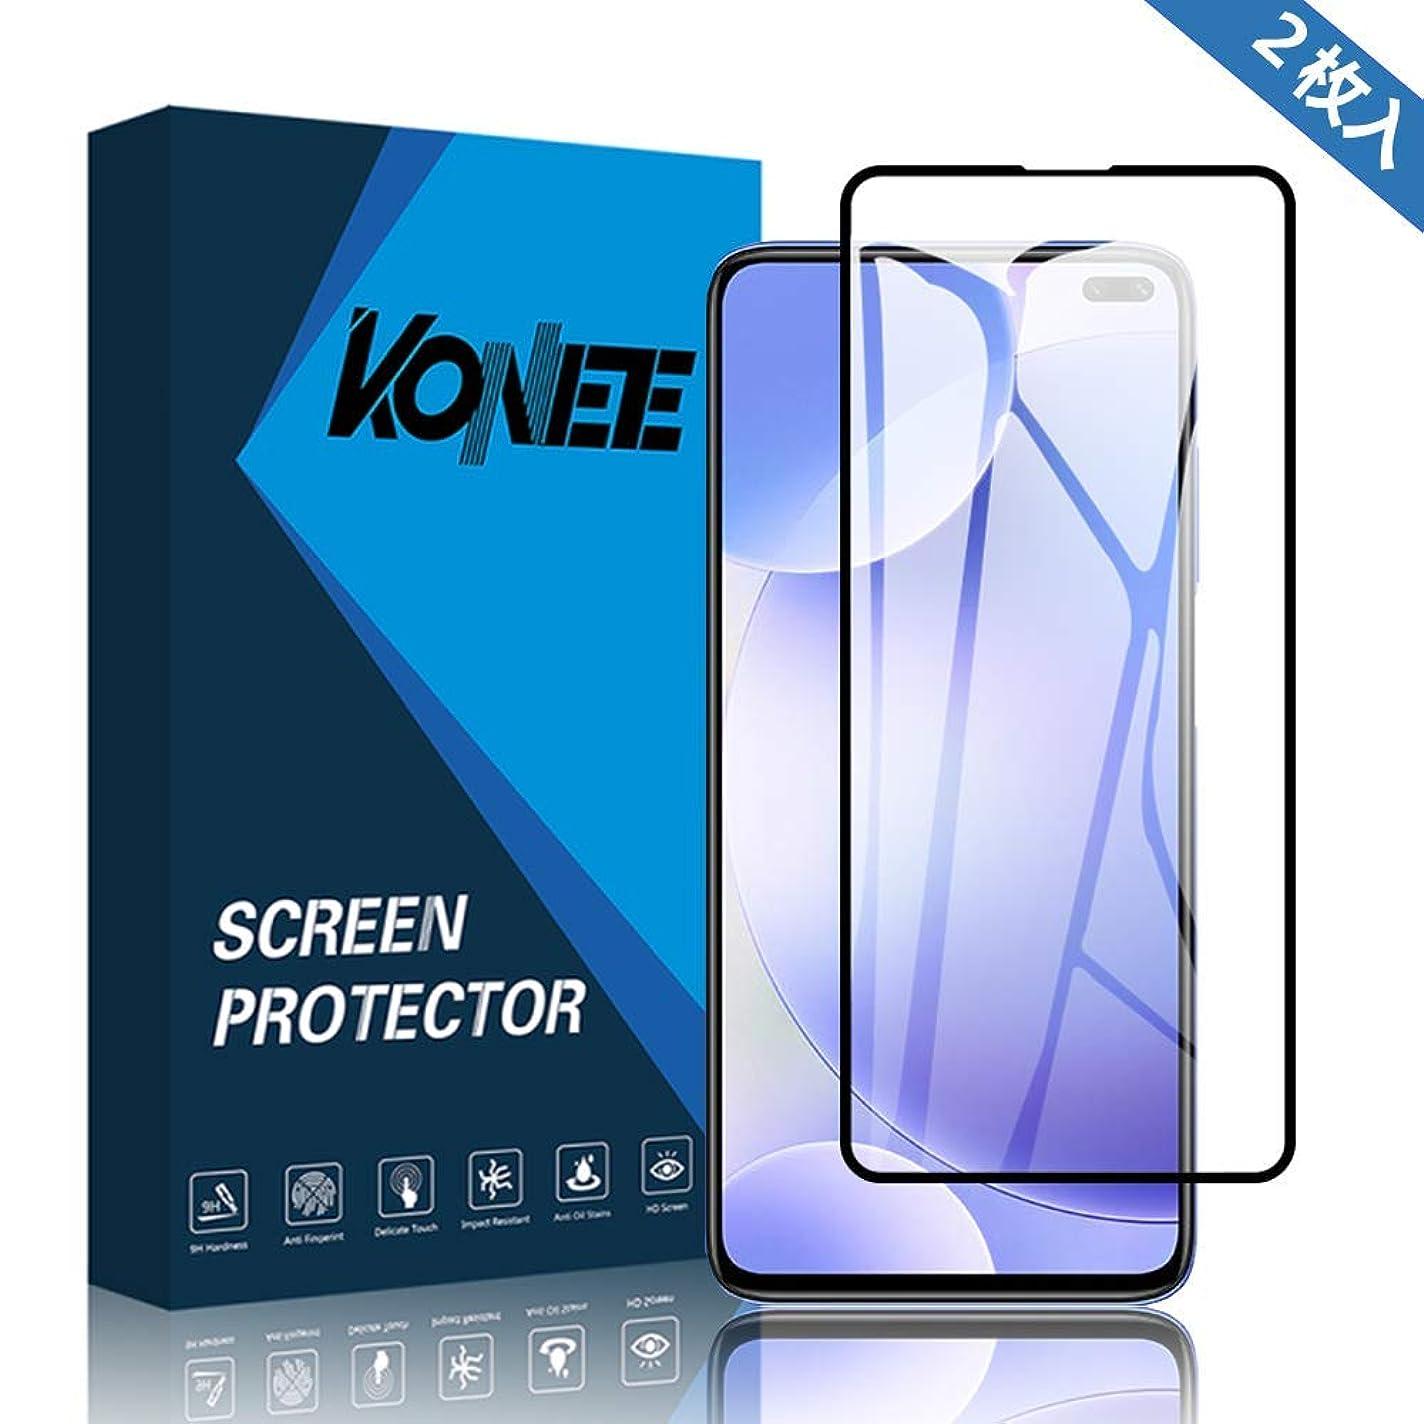 構造原因分岐するKONEE Xiaomi Redmi K30 フィルム 【3D全面保護】 高透過率 硬度9H 超薄 ラウンドエッジ加工 気泡ゼロ 飛散防止 3D Touch対応 貼り付け簡単 フルカバー Xiaomi Redmi K30 ガラスフィルム